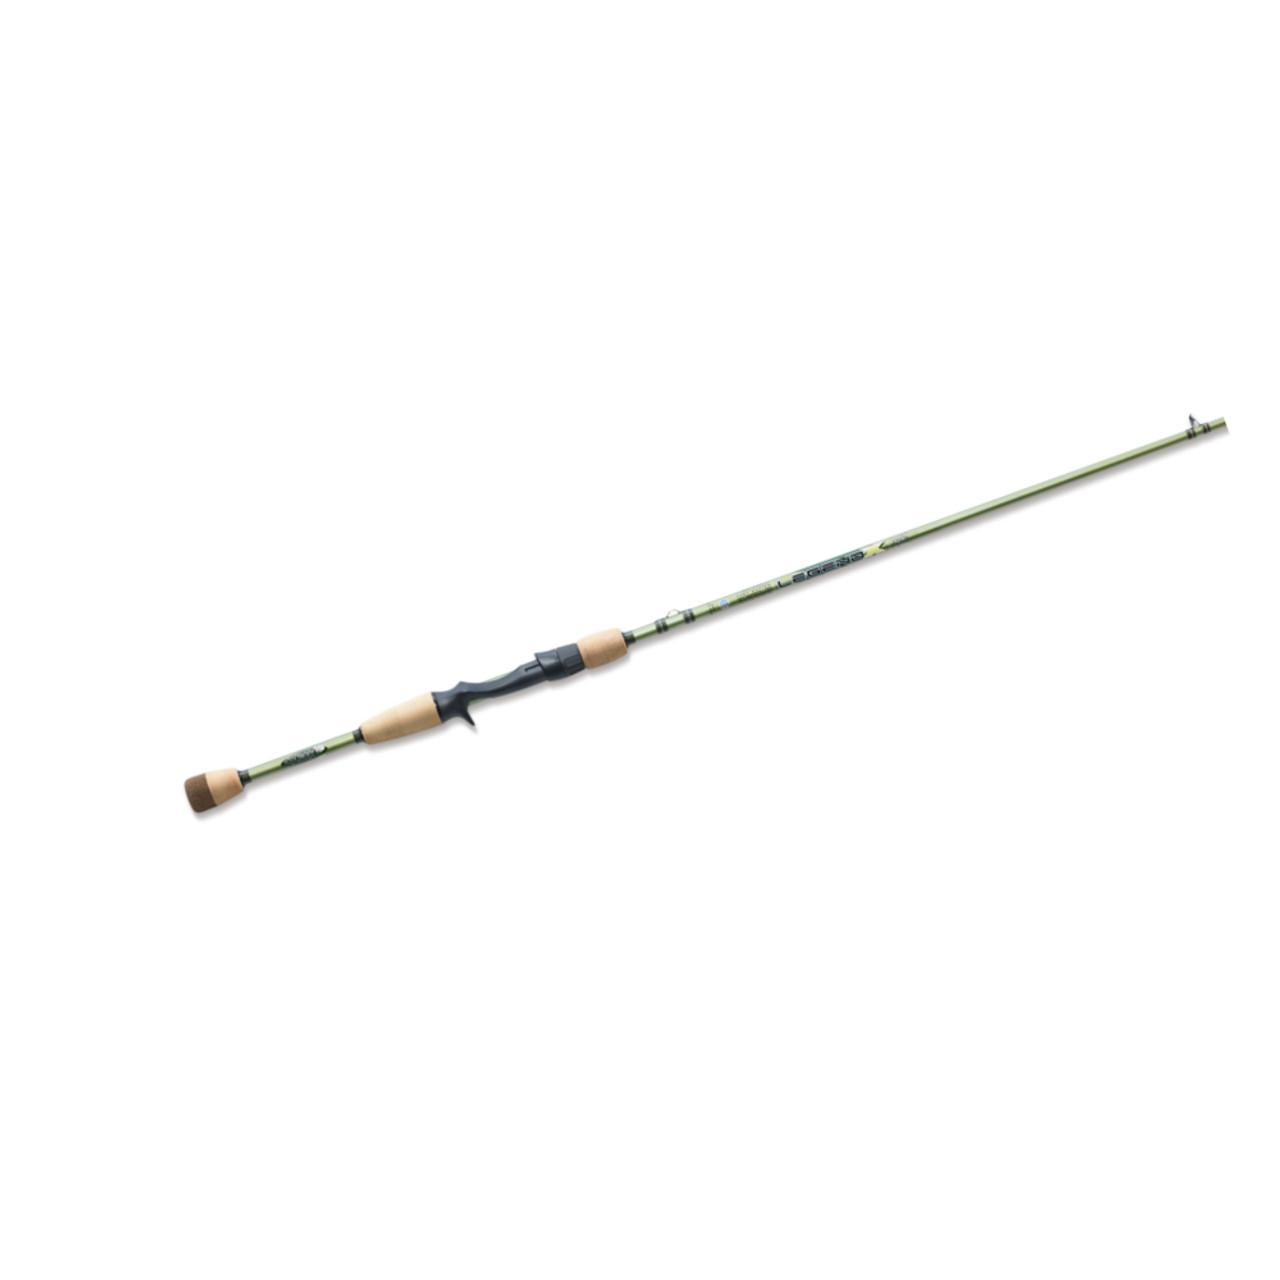 St. Croix Legend X Bait Casting Fishing Rod